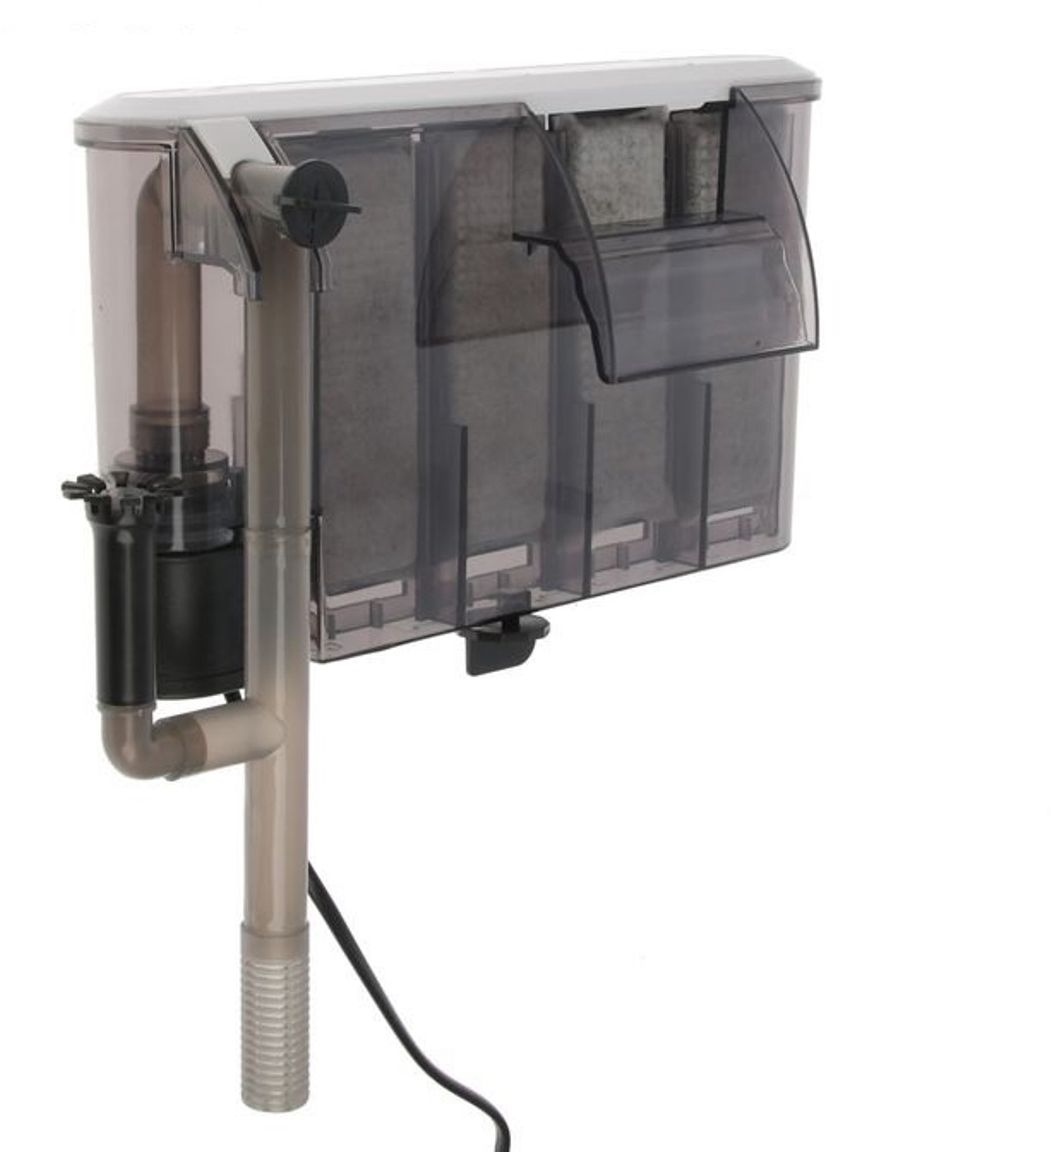 Фильтр наружный для аквариума Sea Star Каскад, с многоступенчатой и эффективной очисткой, 6,5W, 680 л/ч фильтр sea star hx 200l 1122720